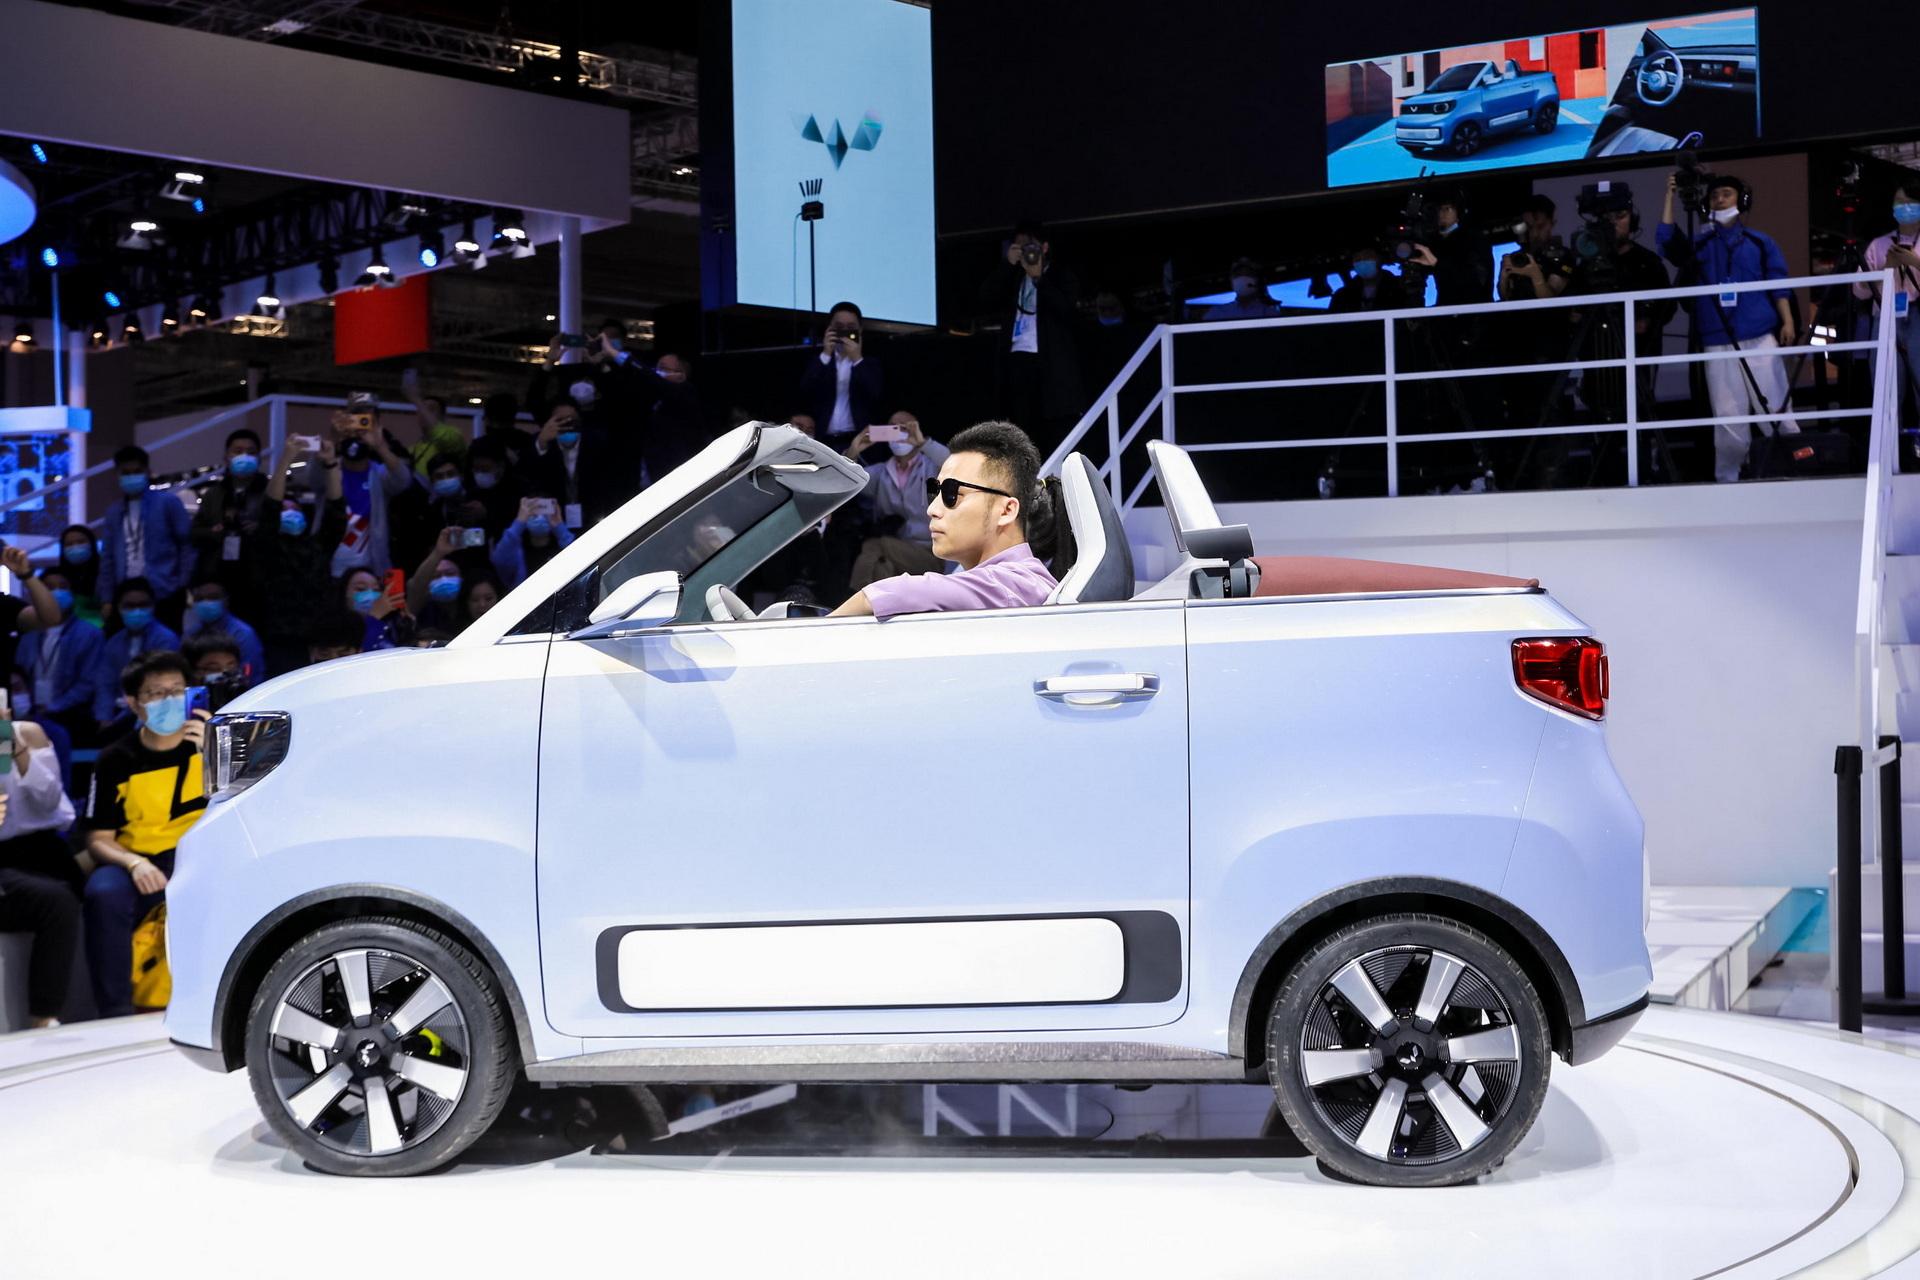 Nhà sản xuất ô tô điện hàng đầu Trung Quốc chỉ lãi gần 14 USD/chiếc - Ảnh 1.